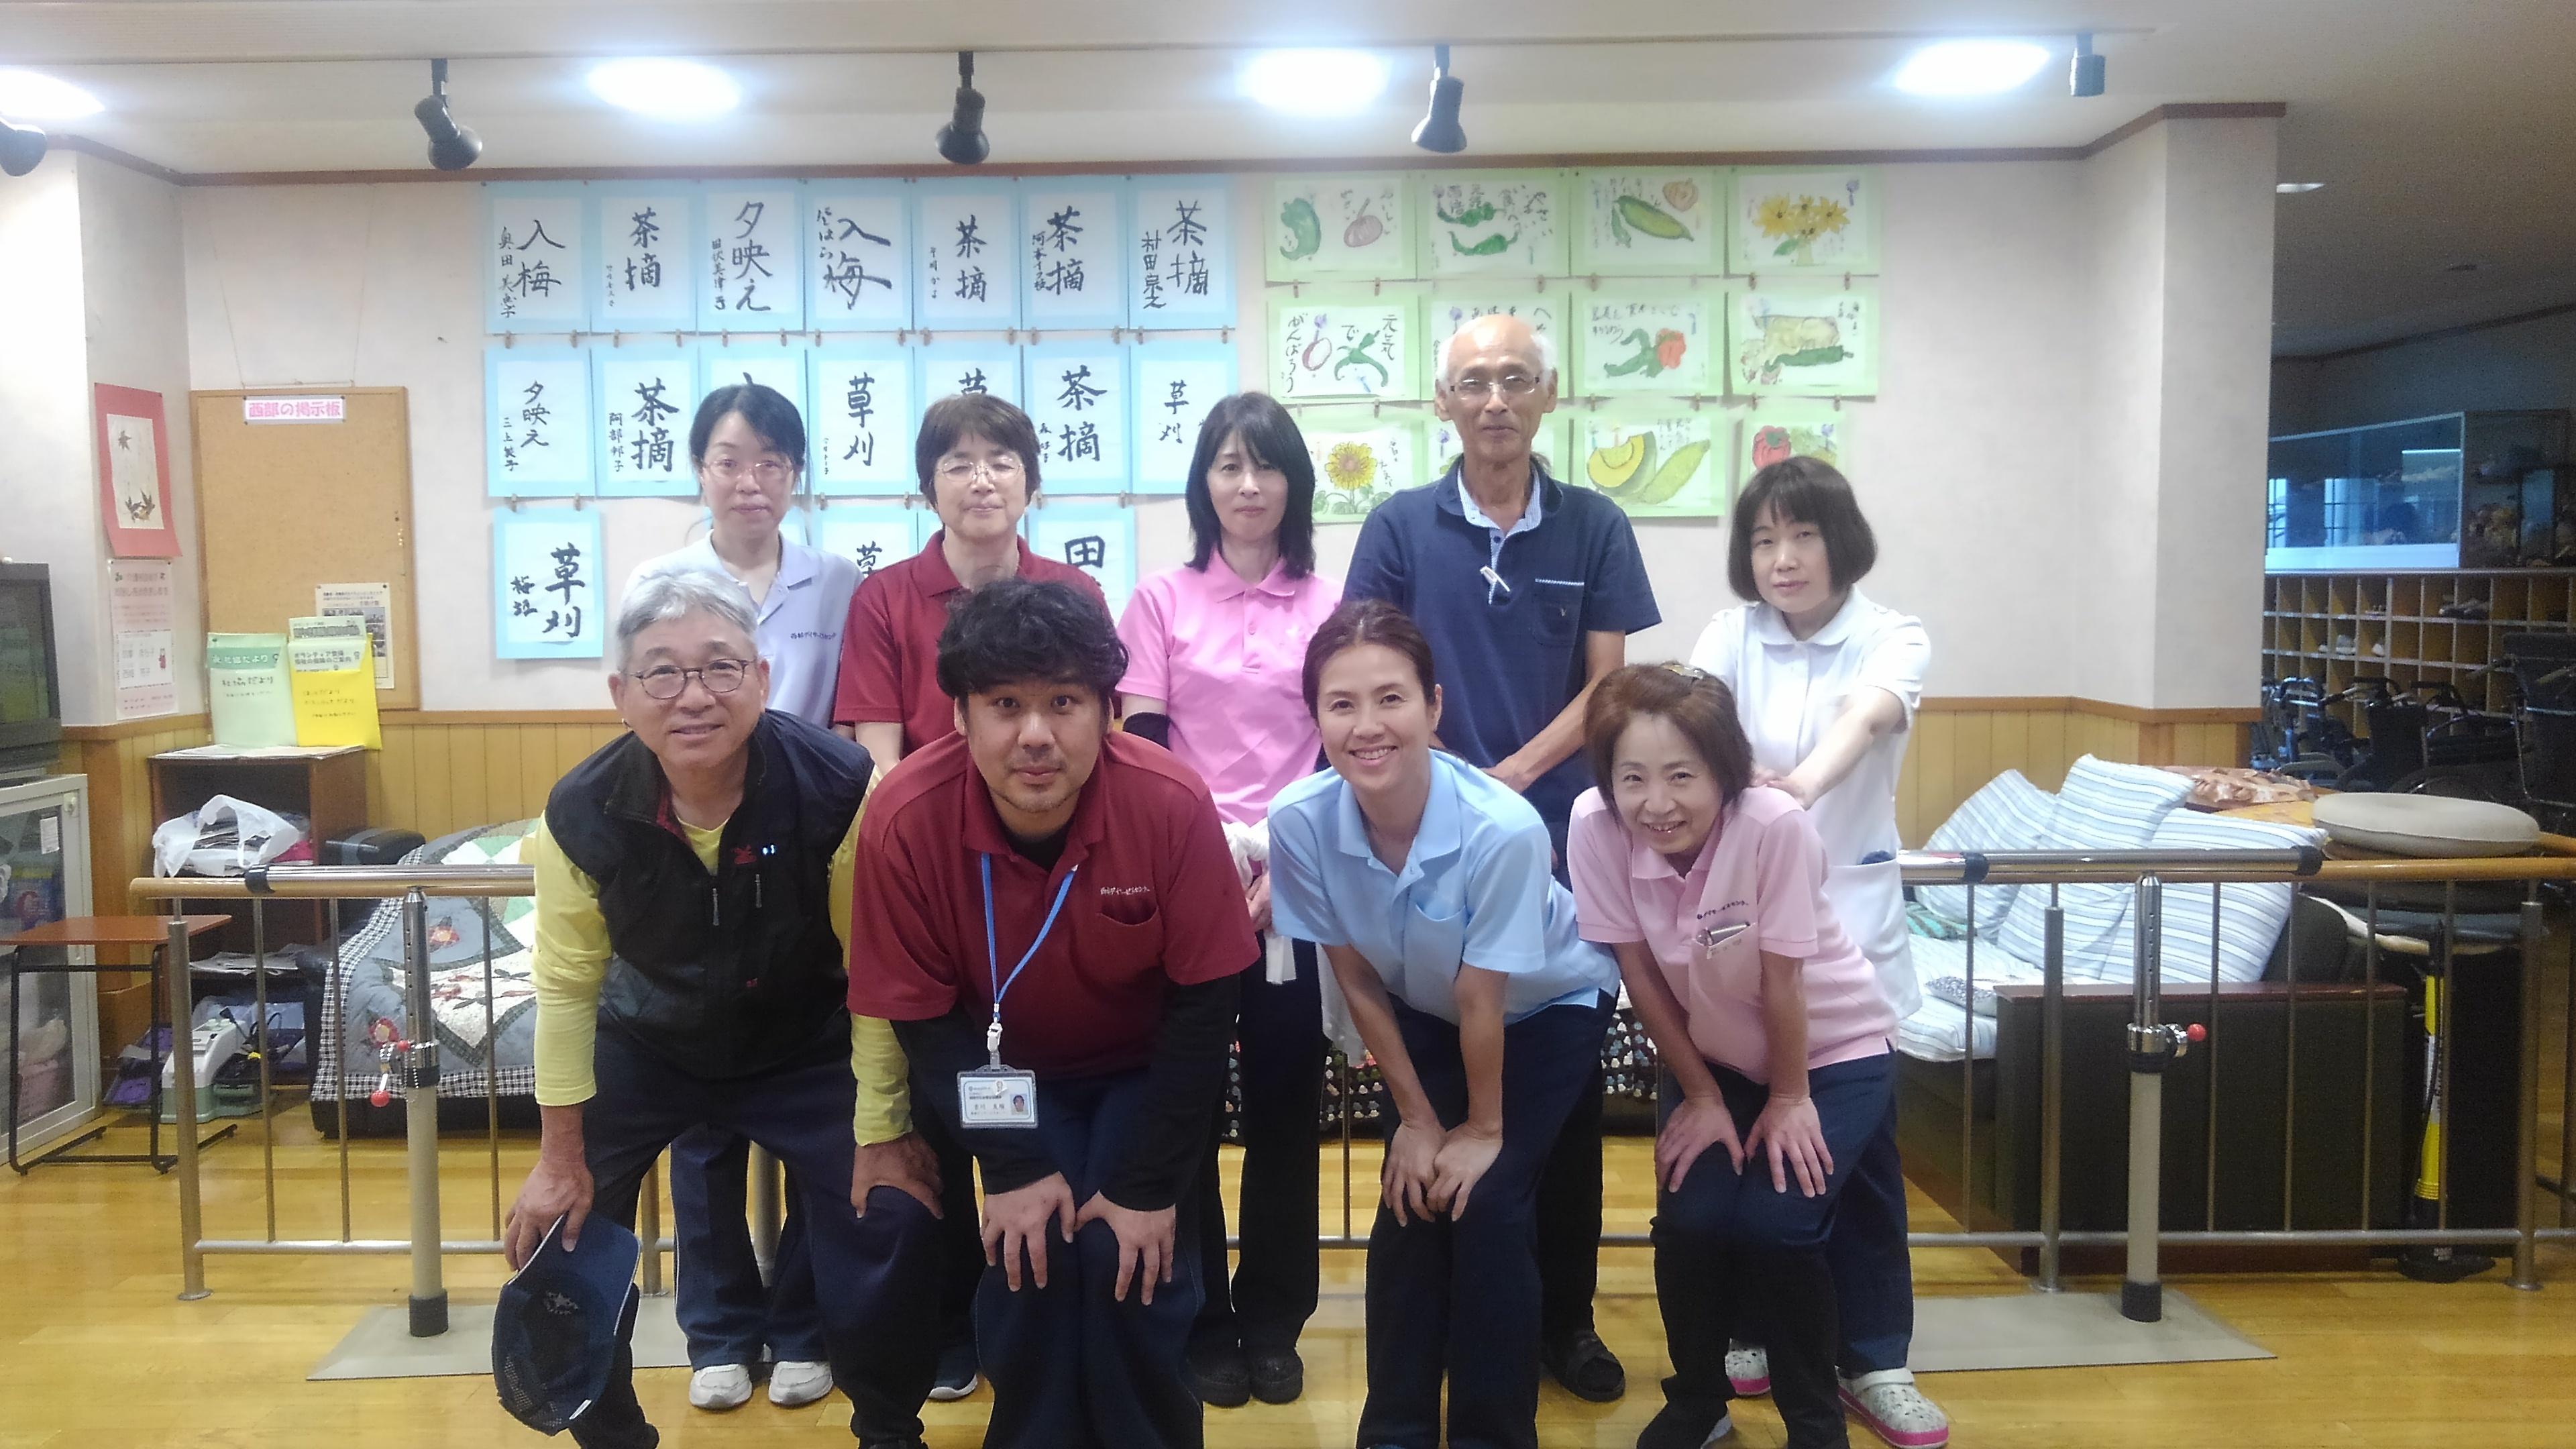 社会福祉法人城陽市社会福祉協議会